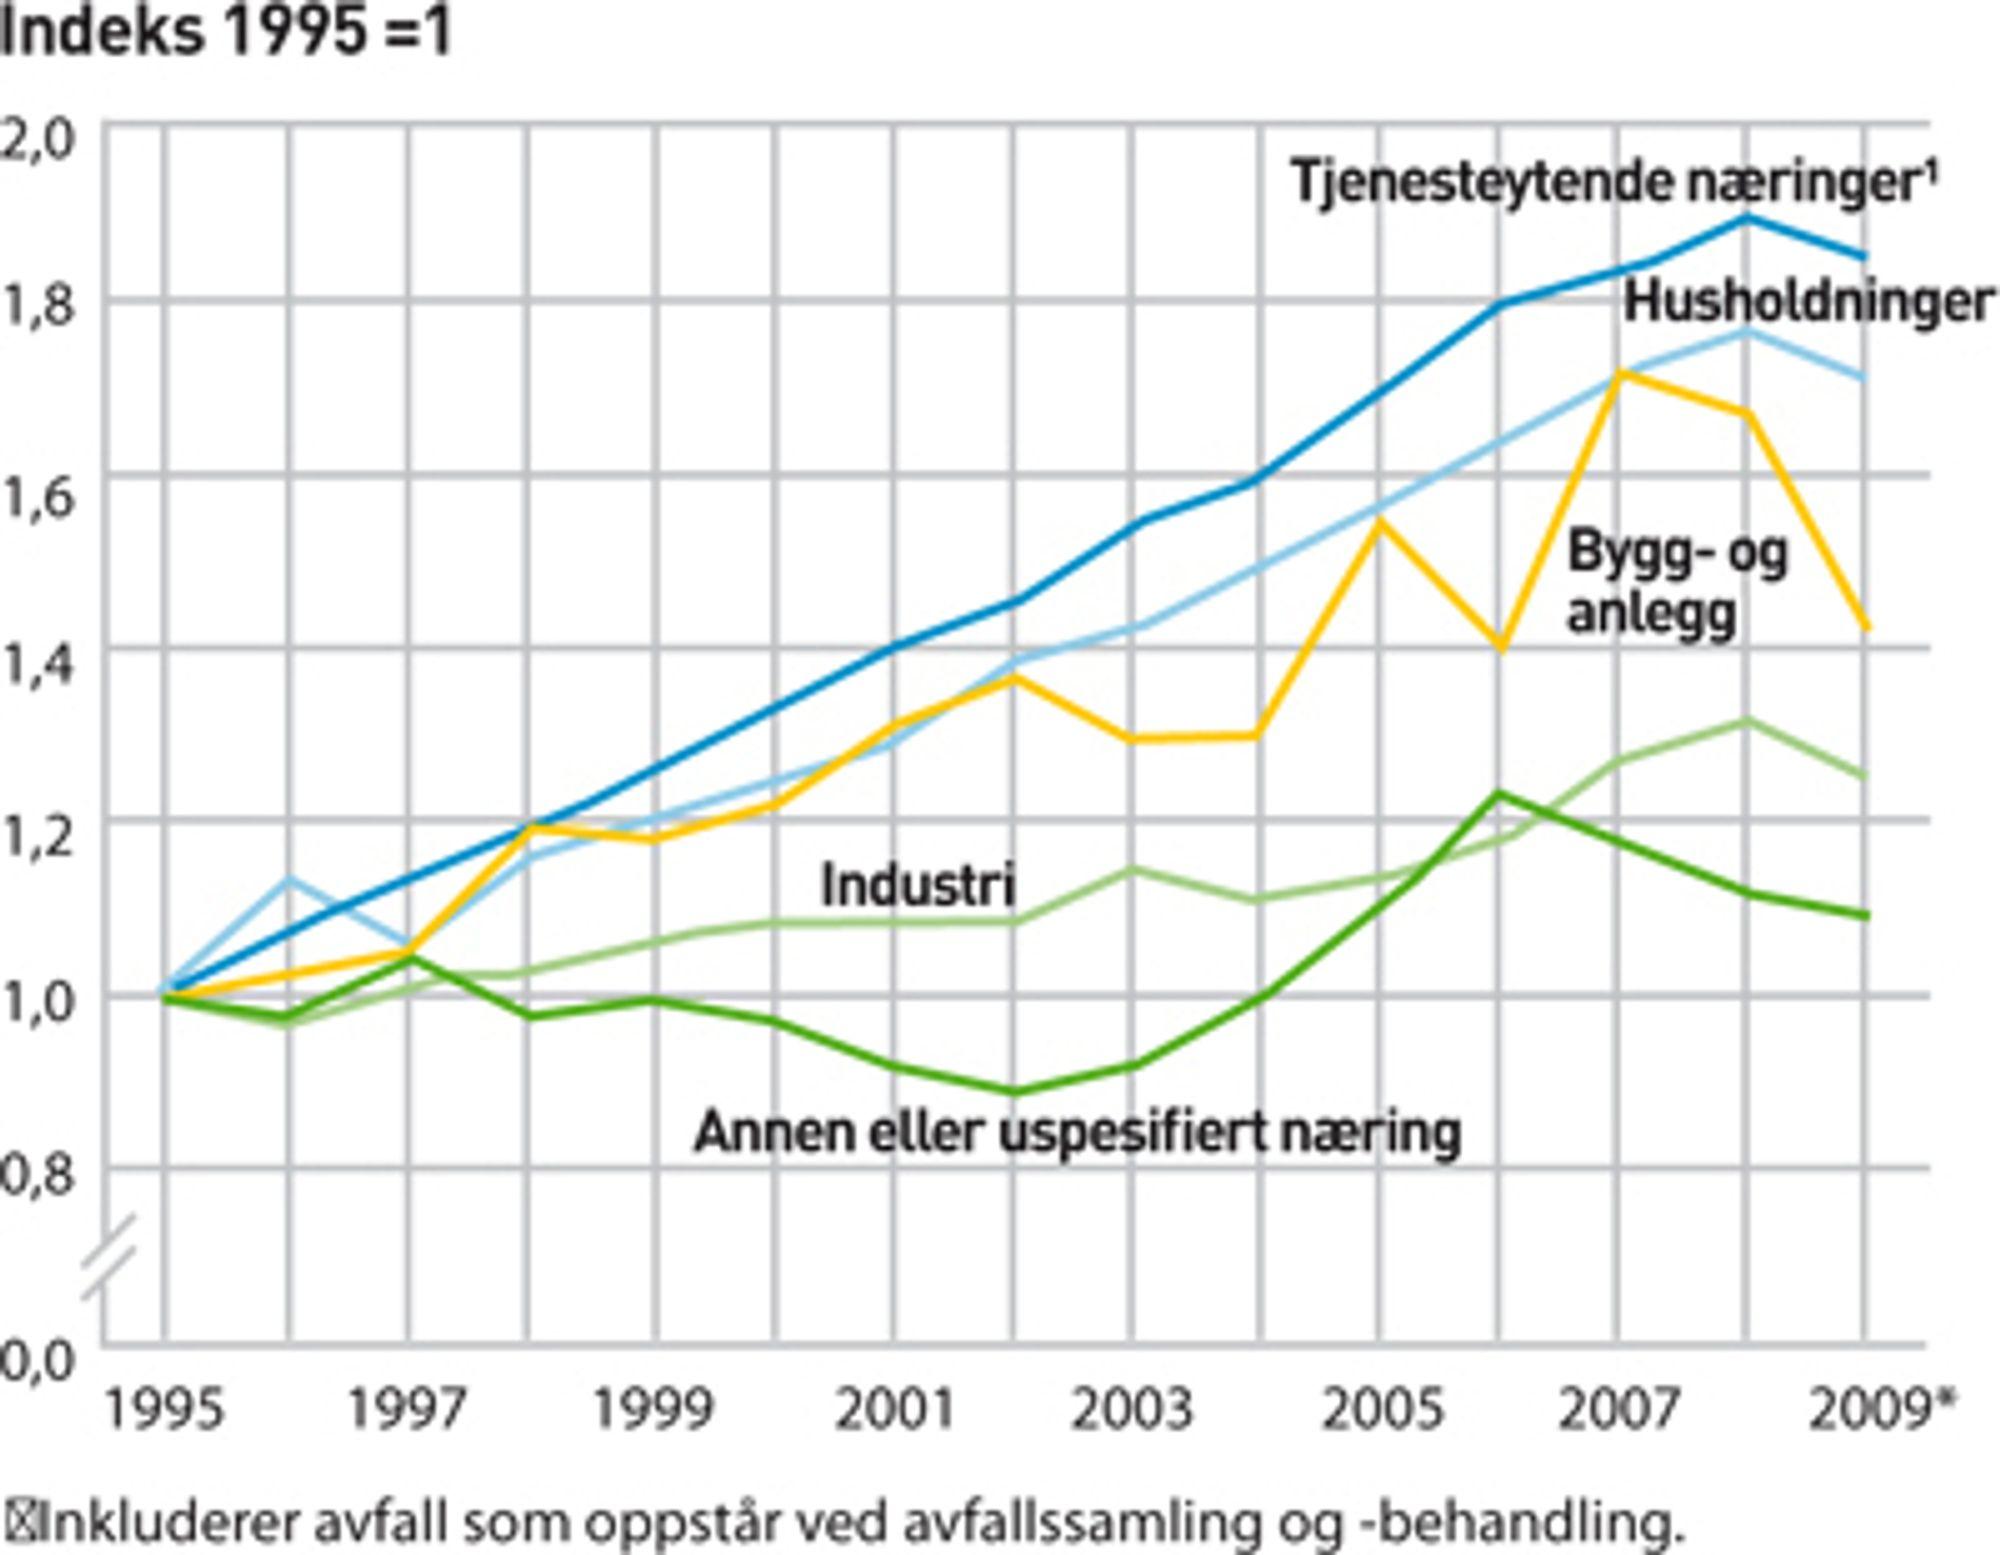 AVFALLSMENGDER I NORGE ETTER KILDE. Endelige tall 1995-2007, foreløpige tall 2008 og 2009.